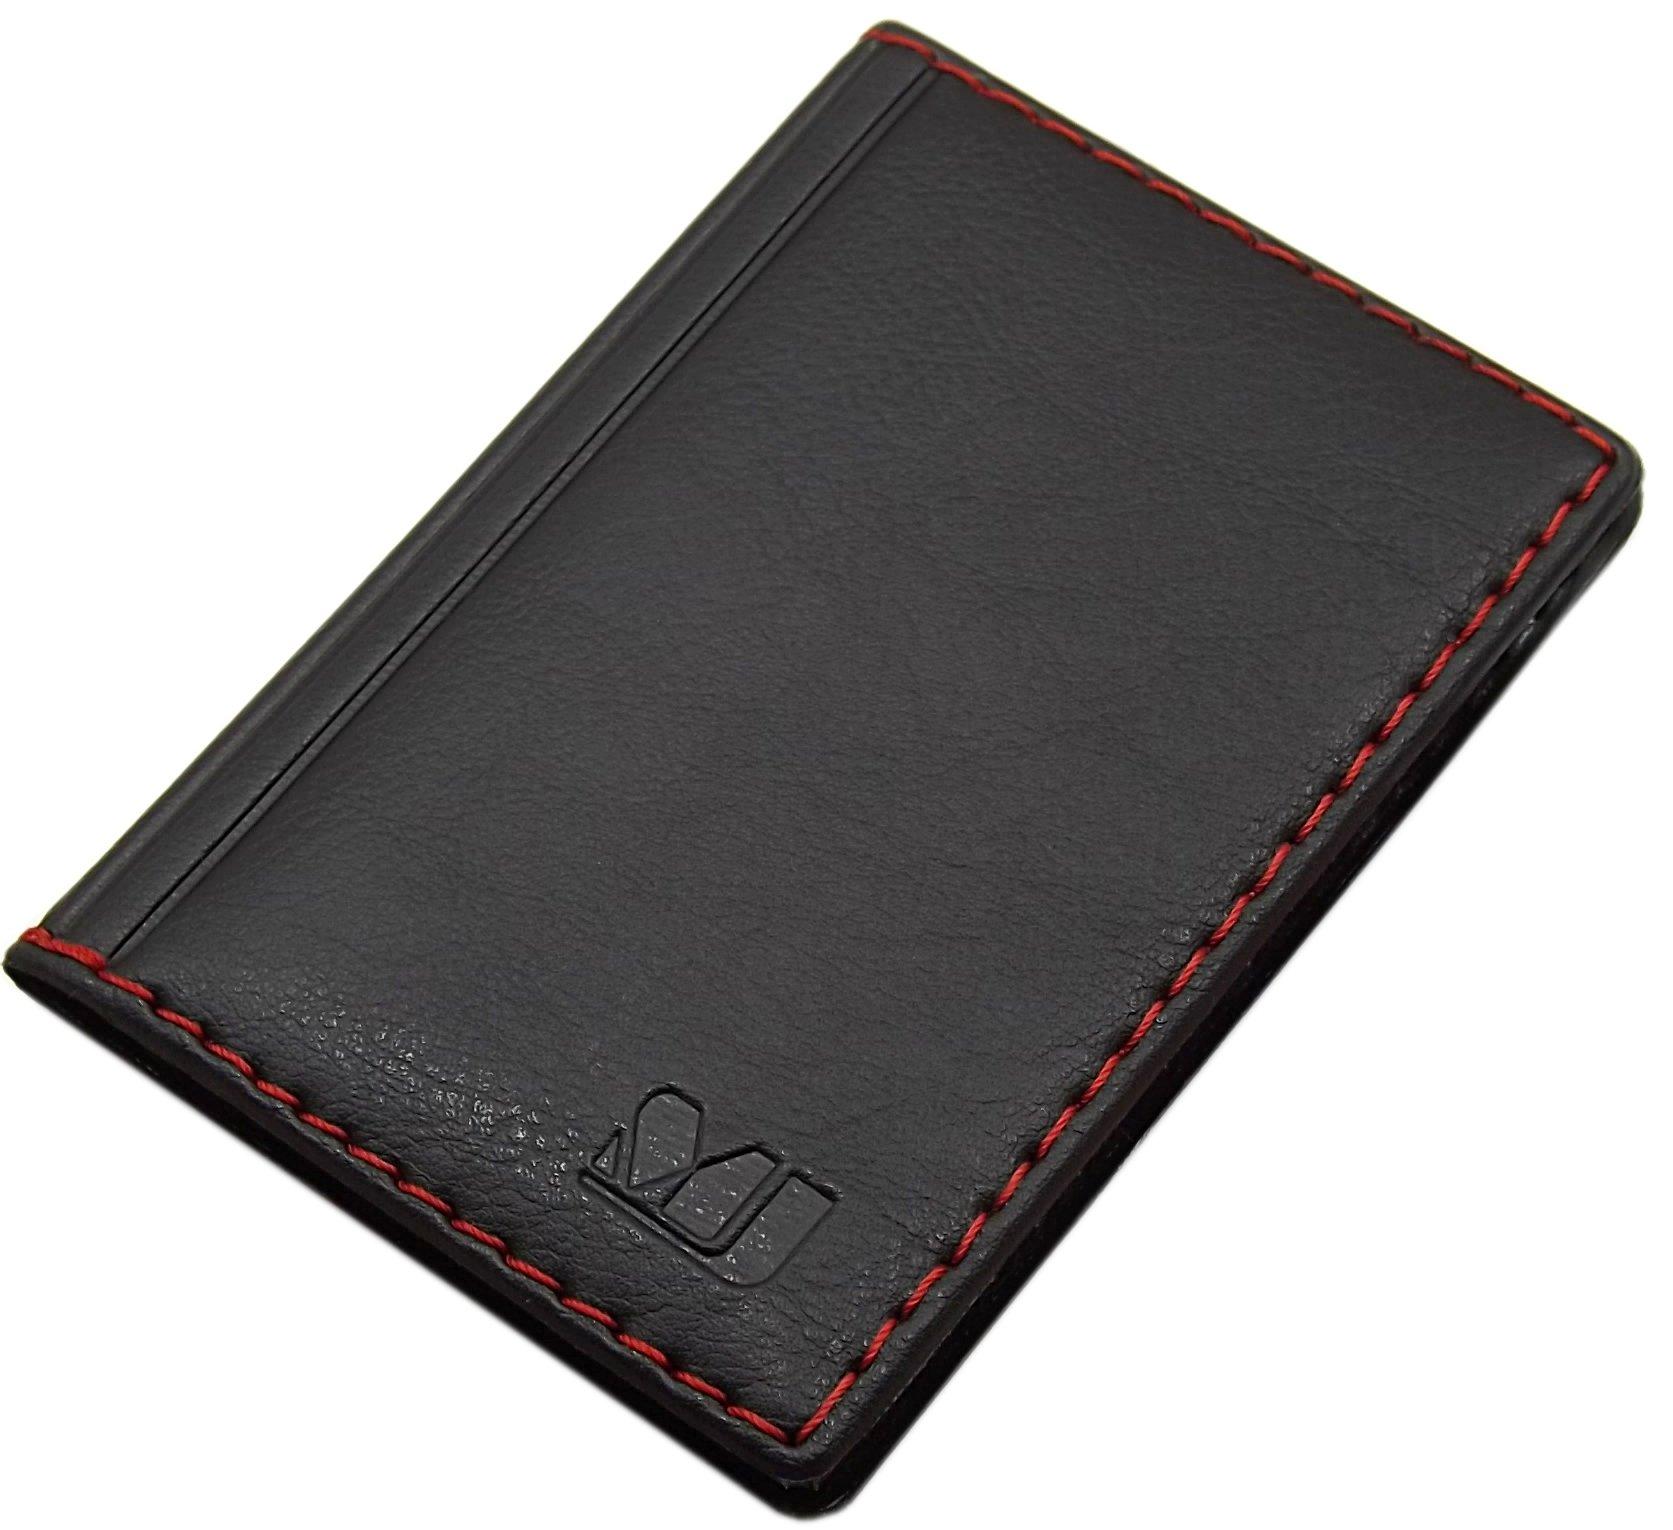 Elegante tarjetero para tarjeta de crédito y tarjeta de visita en varios colores y diseños (